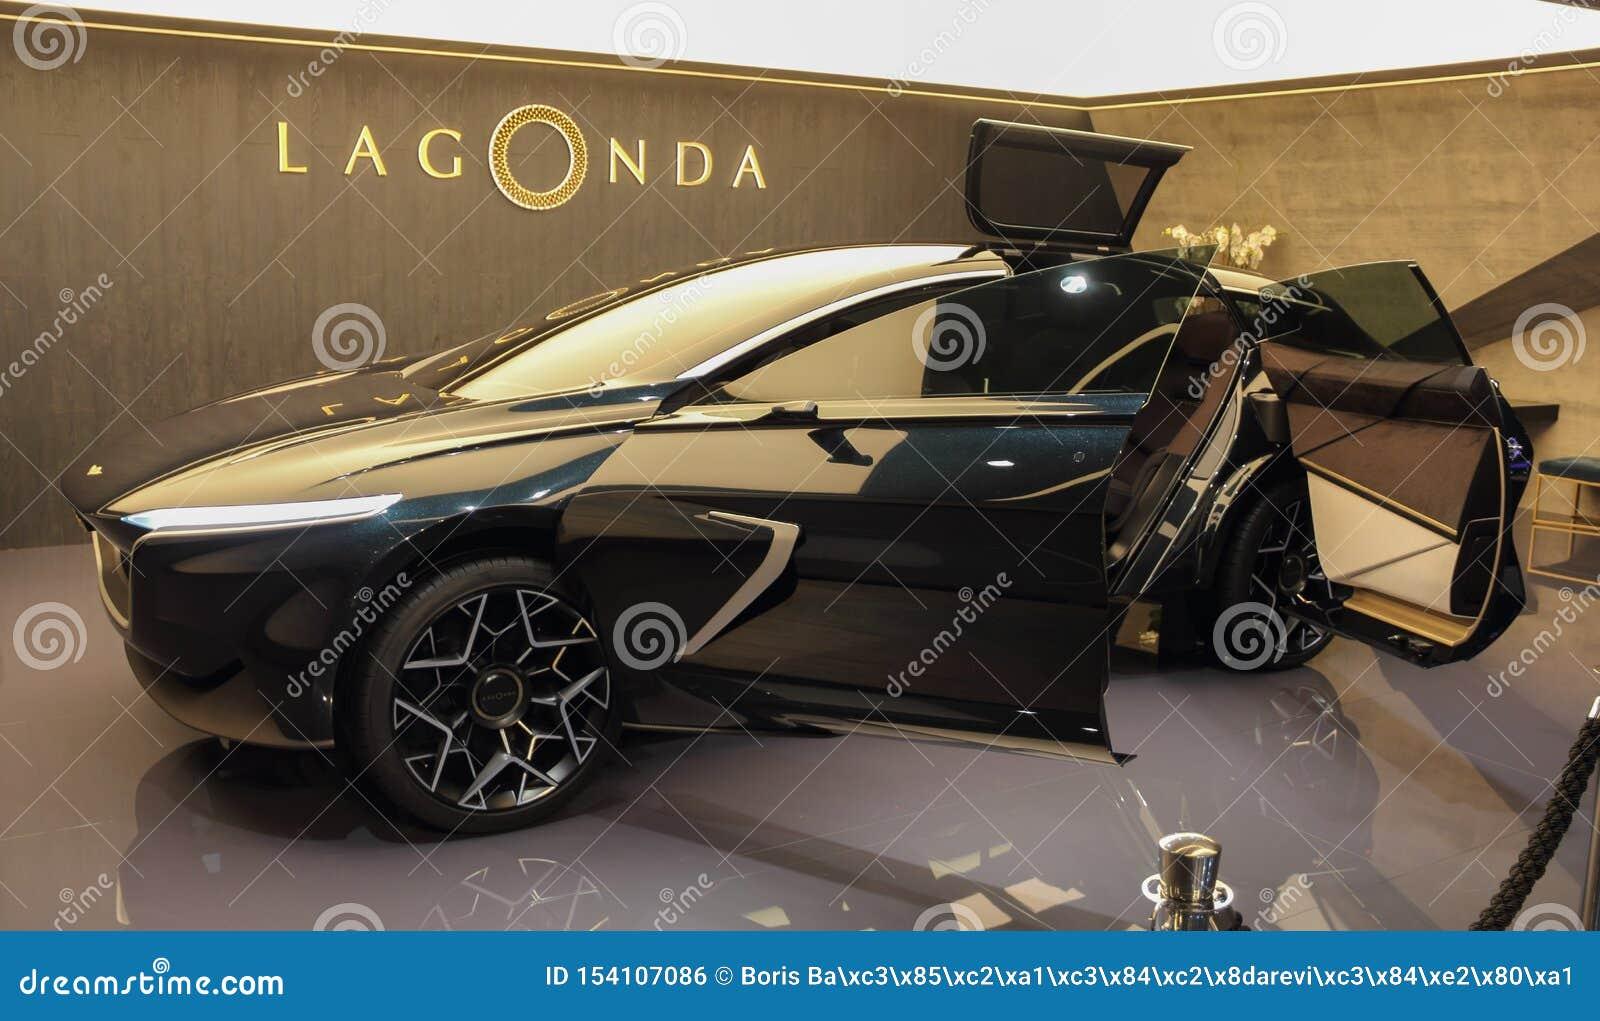 Ελβετία  Γενεύη  Στις 10 Μαρτίου 2019  Άστον Matrin Lagonda  Η 89η διεθνής έκθεση αυτοκινήτου στη Γενεύη από 7ο σε 17ο του Μαρτίο